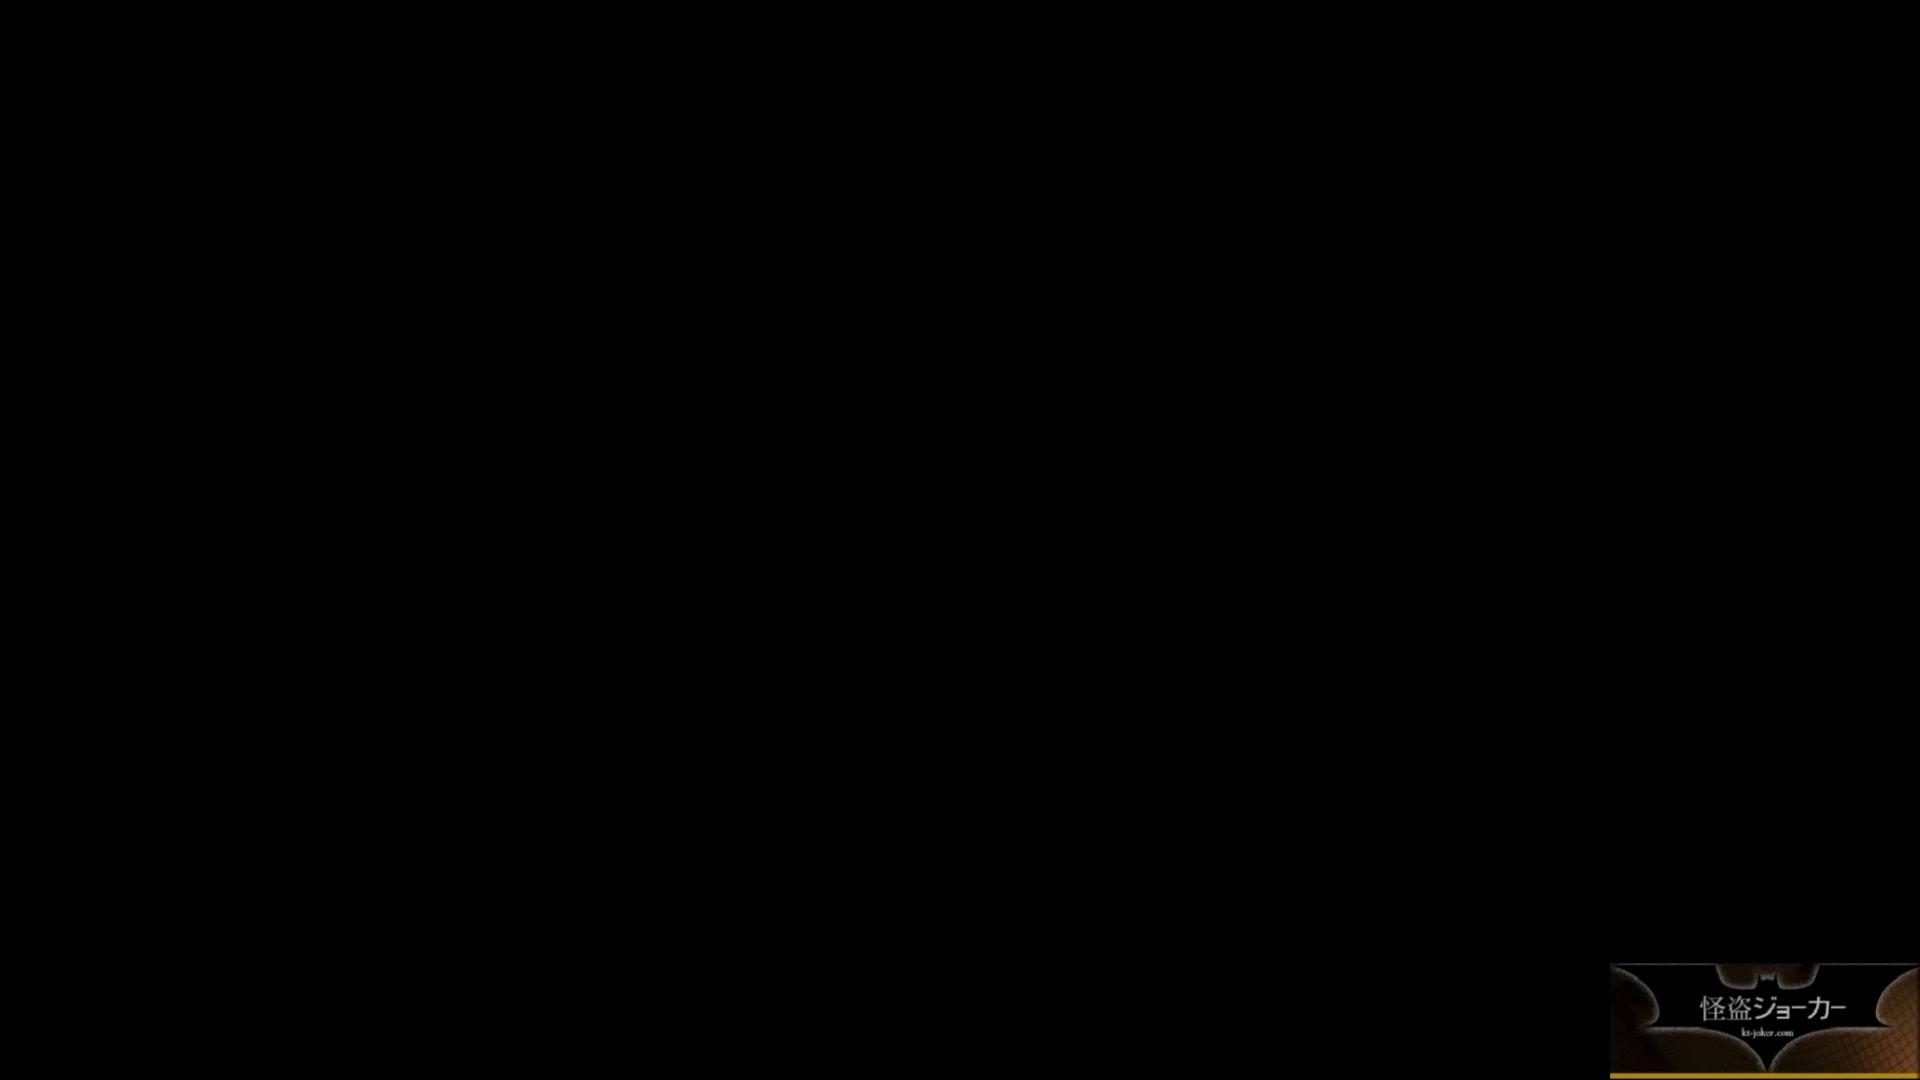 【未公開】vol.26 葵に群がる男たち。。。 高画質 おまんこ動画流出 86画像 24